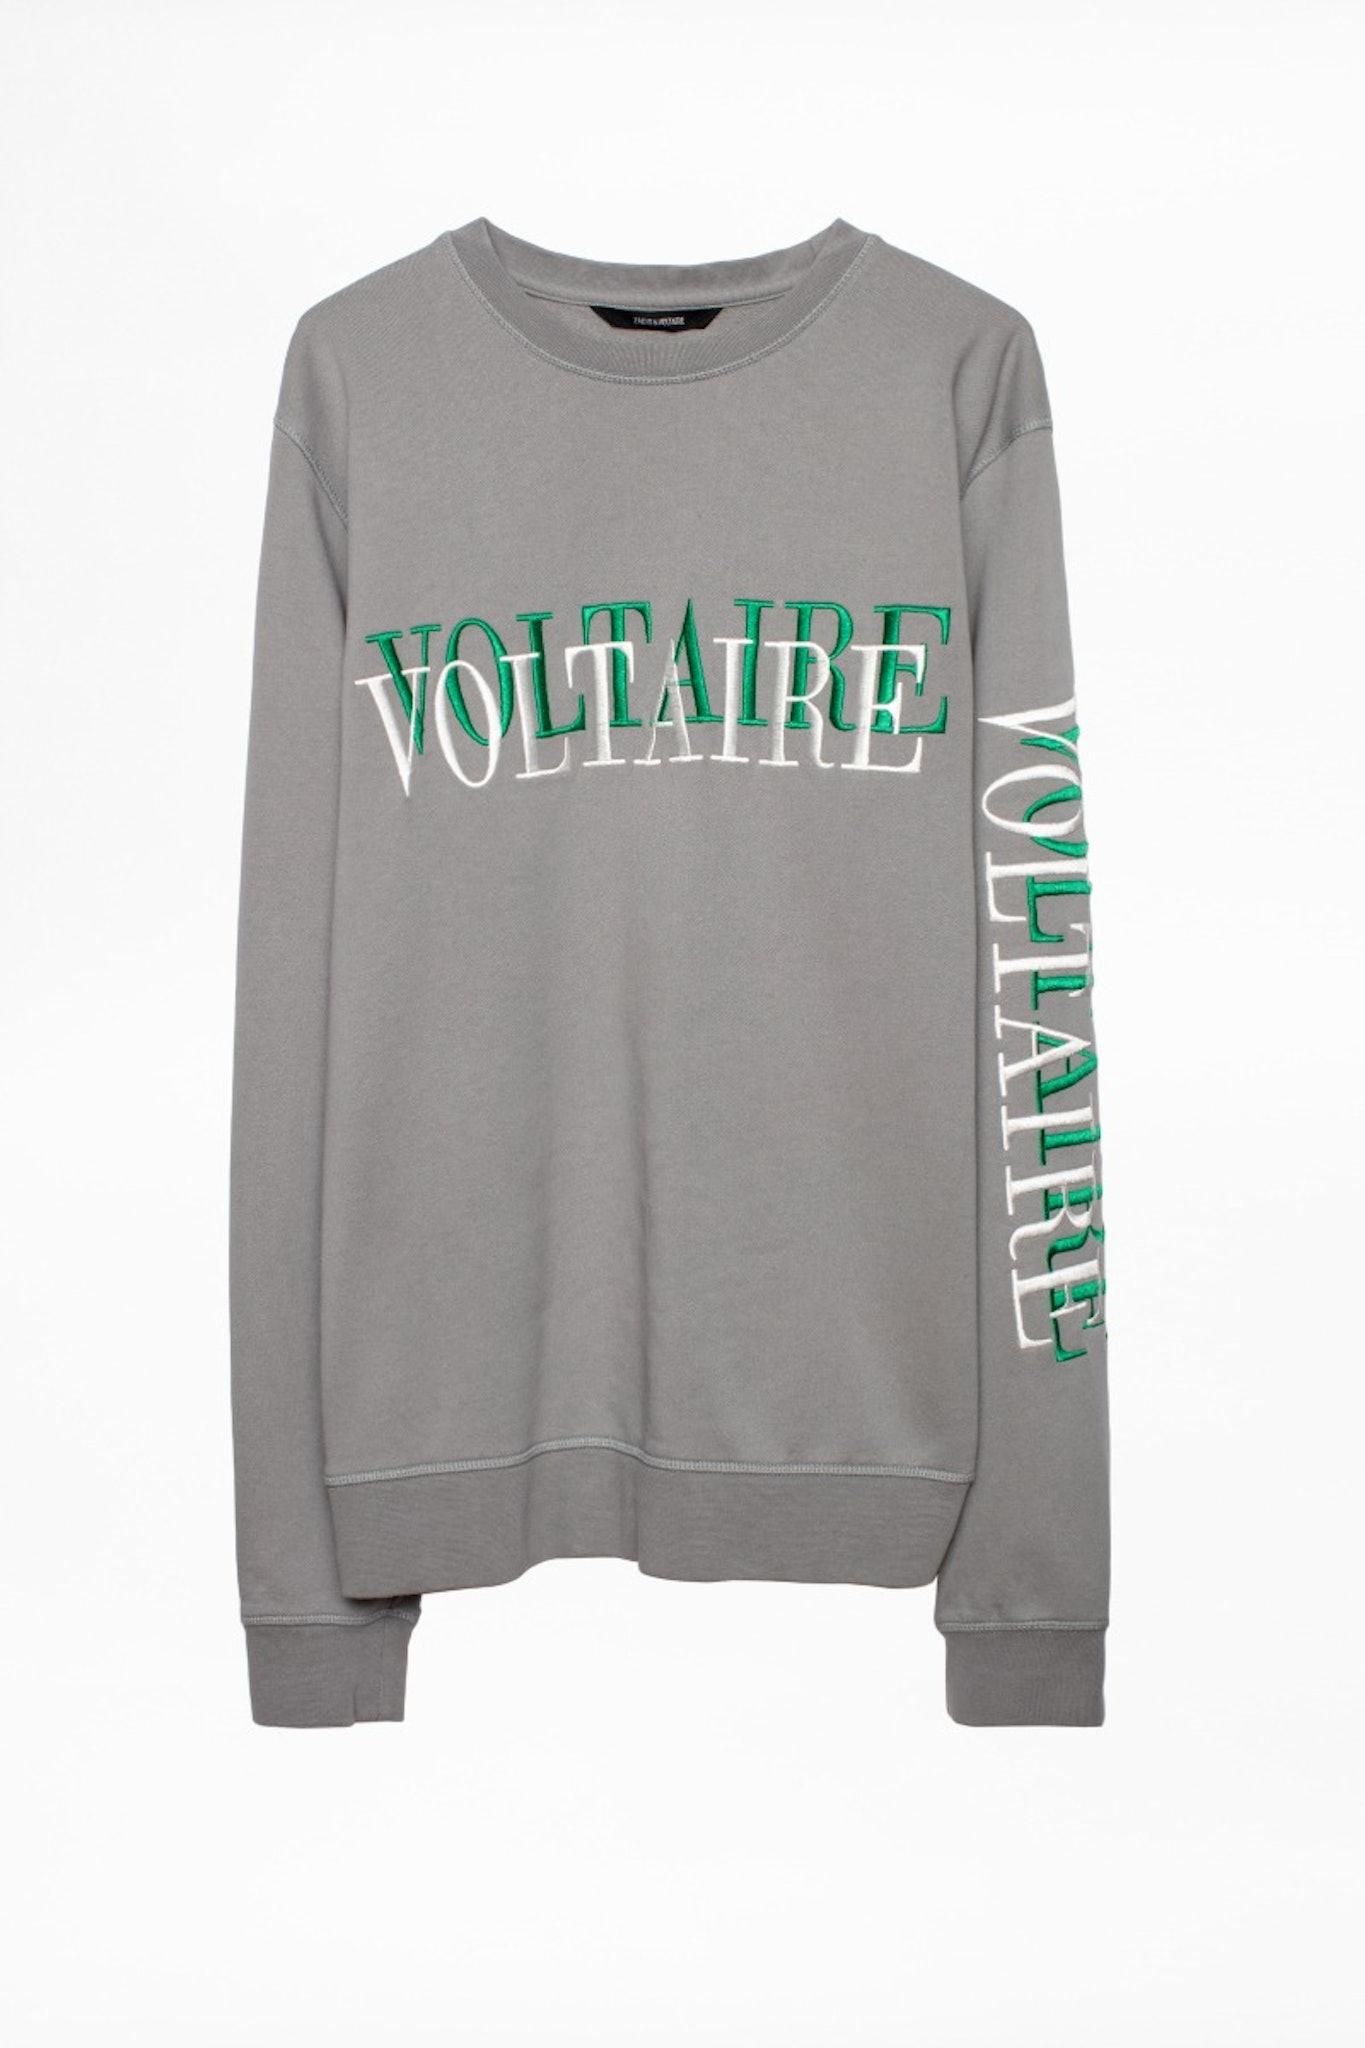 Sweatshirt Seuil Voltaire